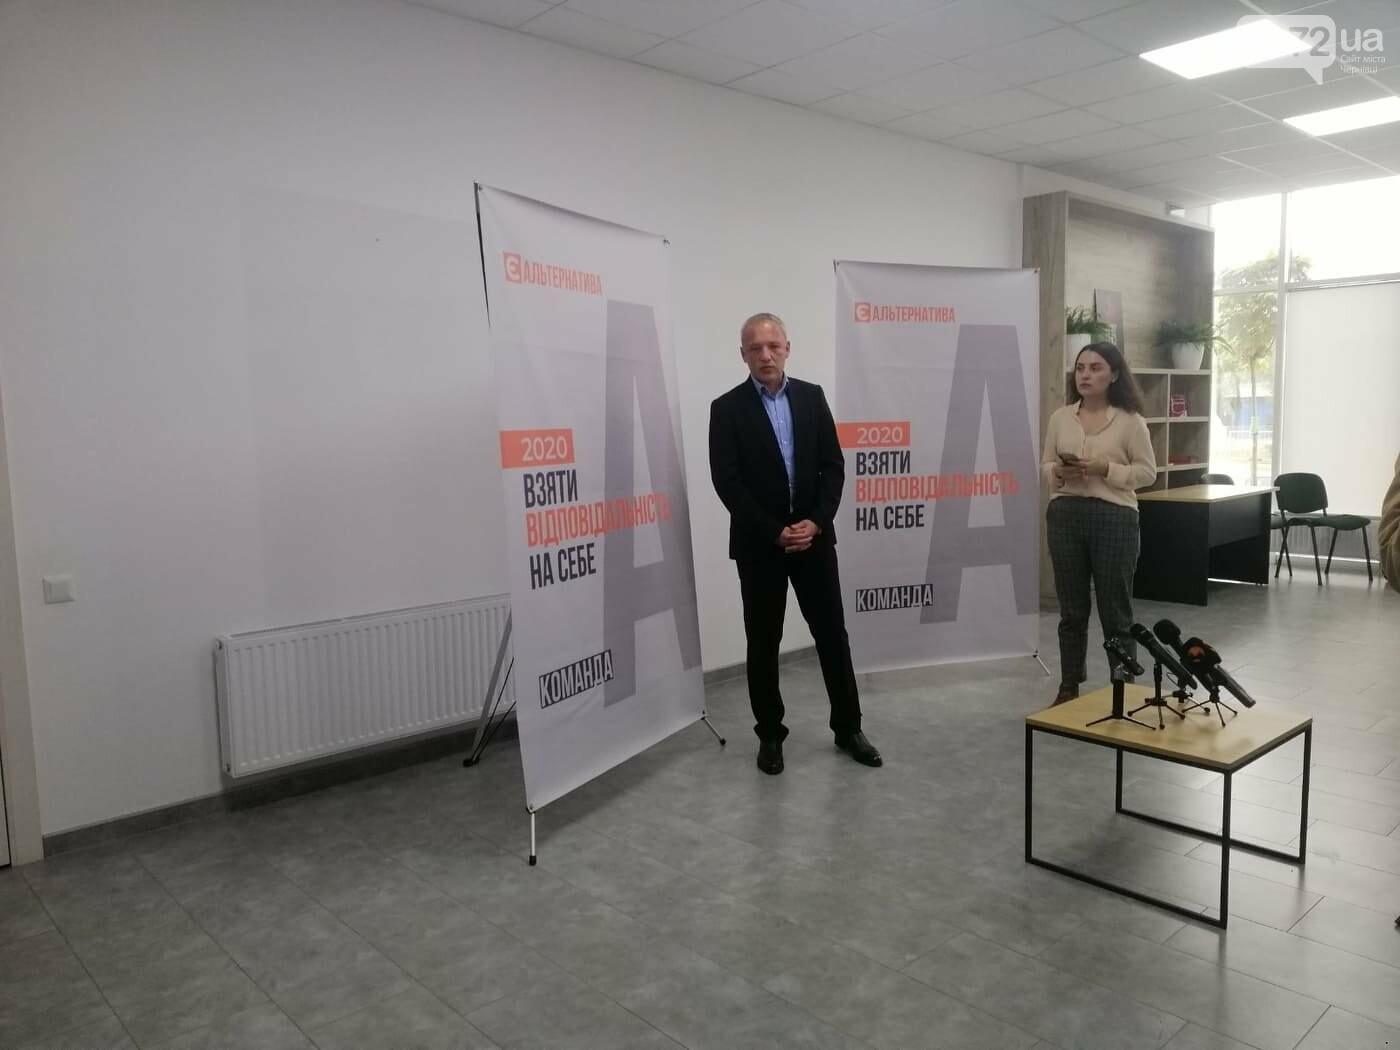 Чернівці, Пресс-брифінг Романа Клічука